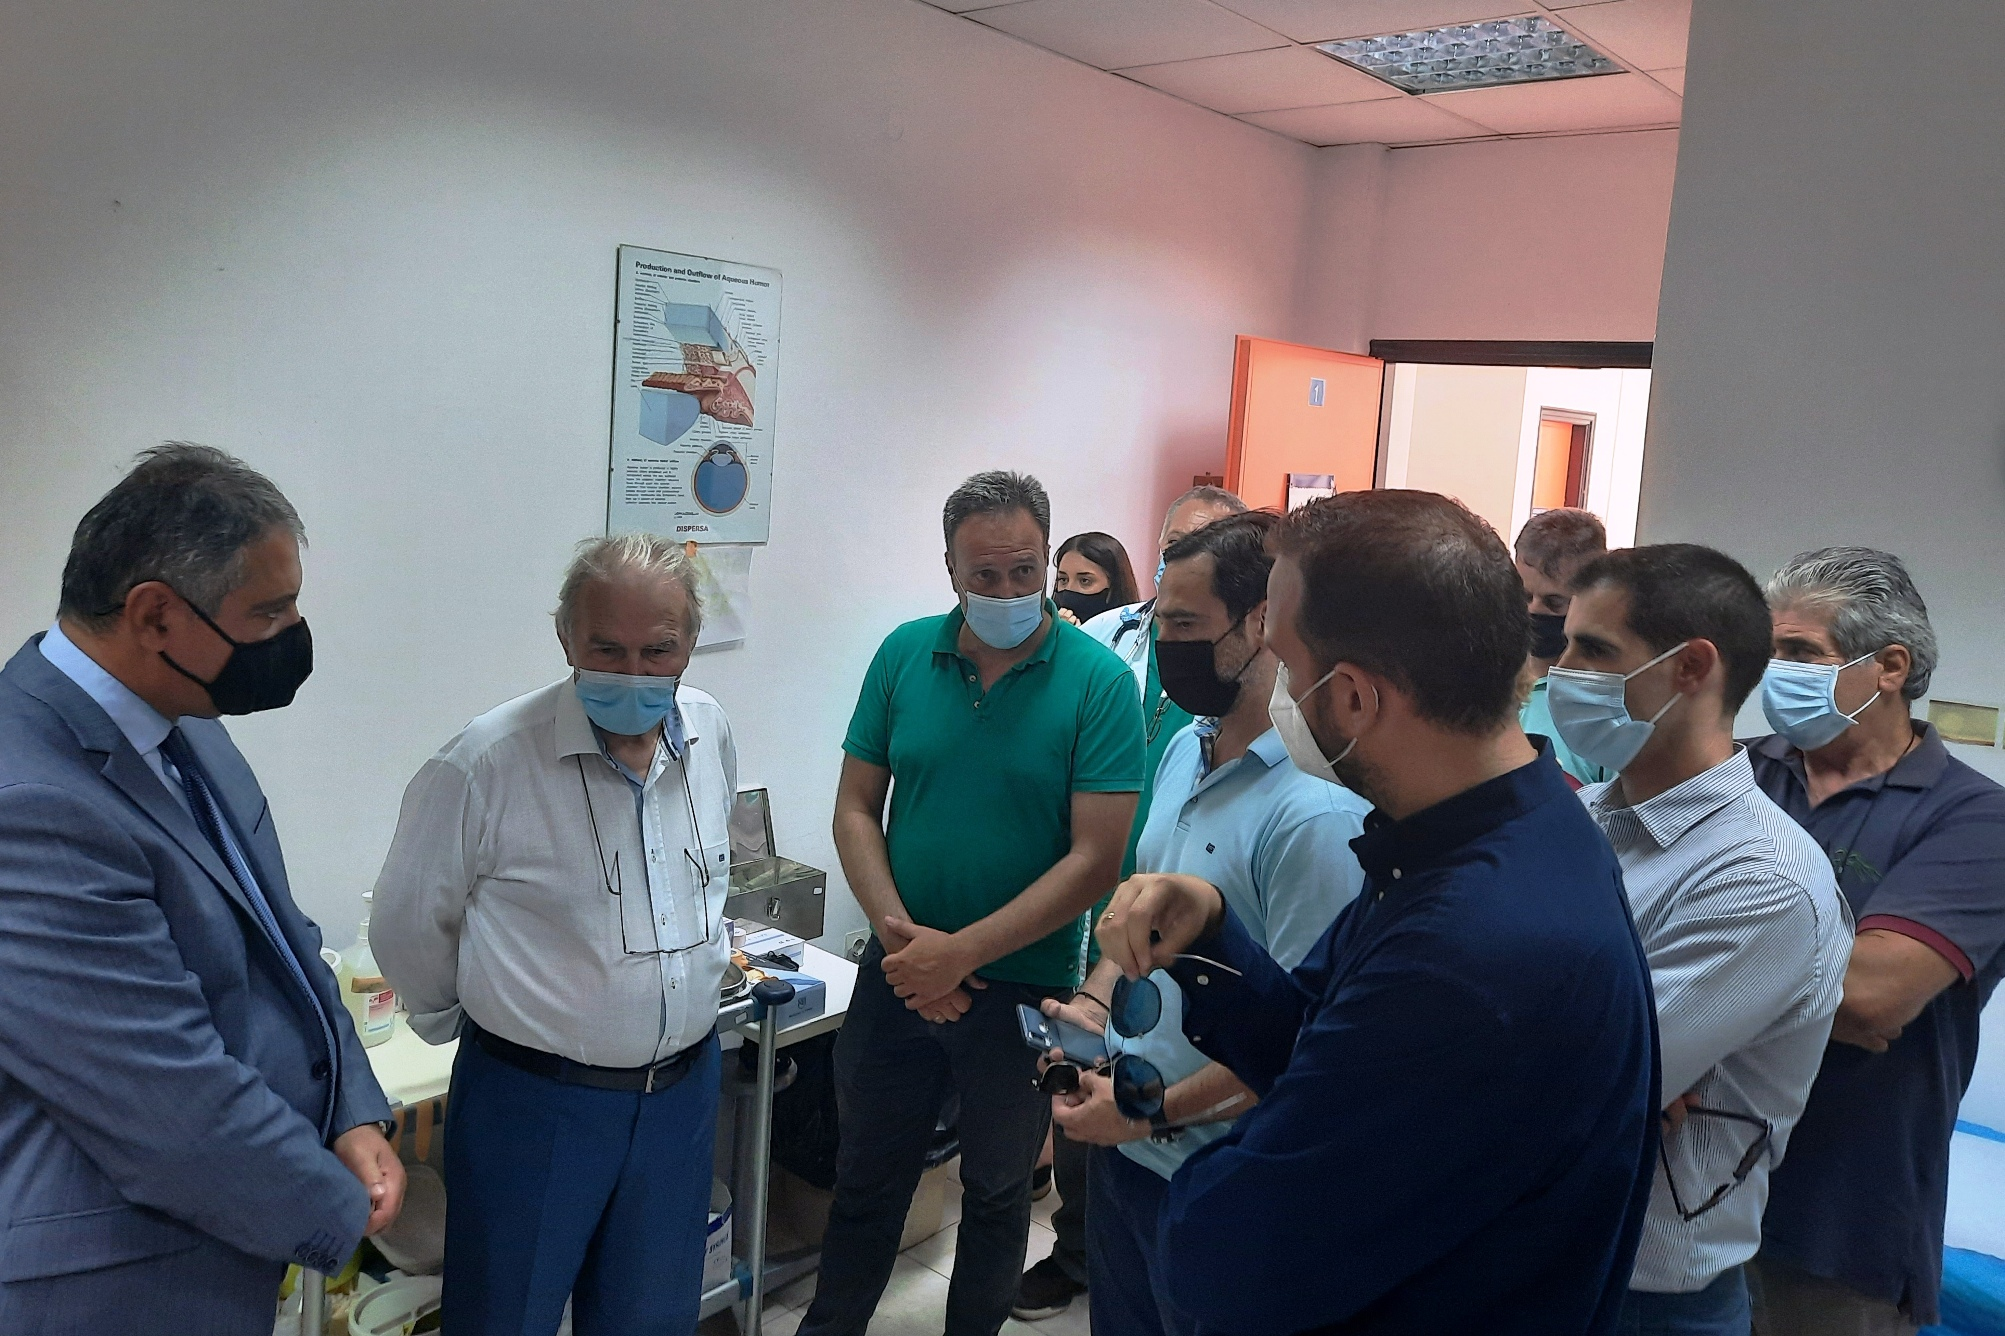 Τρεις οικίσκοι για τεστ ανίχνευσης Covid-19, στην Π.Ε Ηλείας- Στα Κέντρα Υγείας, Βάρδας, Αρχ. Ολυμπίας και Κρεστένων (photos)